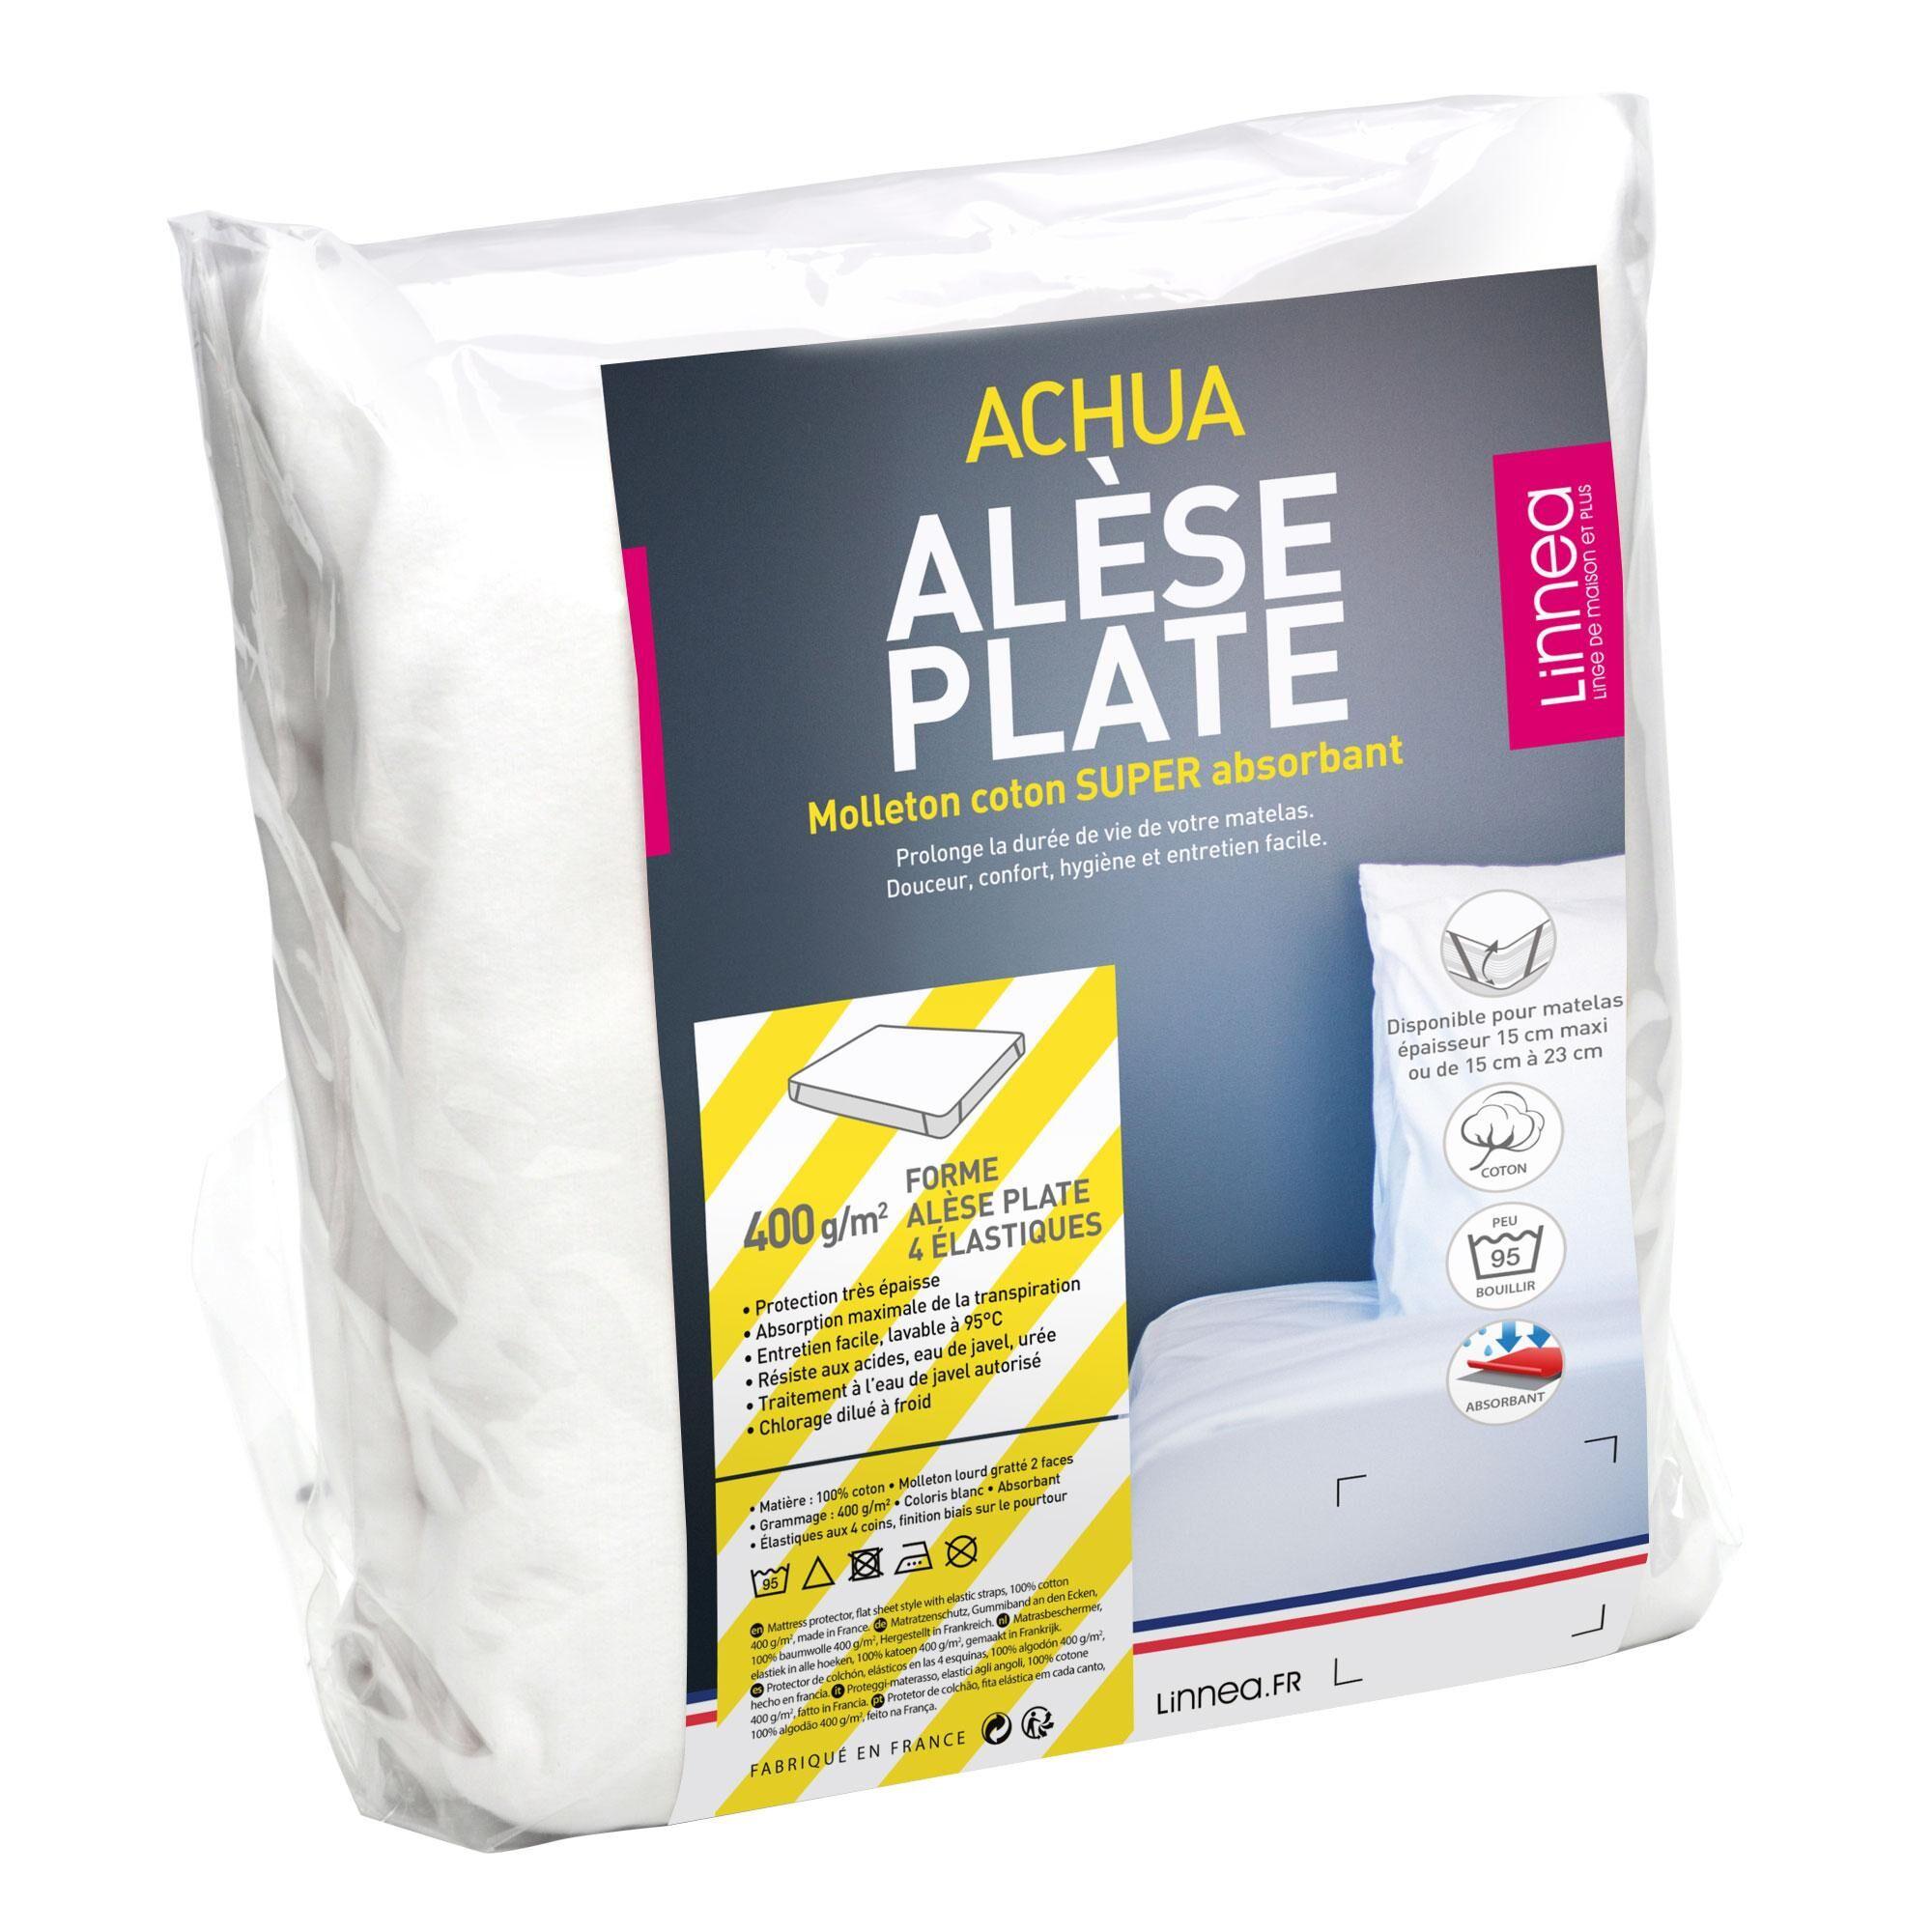 Linnea Alèse plate 190x200 cm ACHUA Molleton 100% coton 400 g/m2 matelas 15cm à 23cm